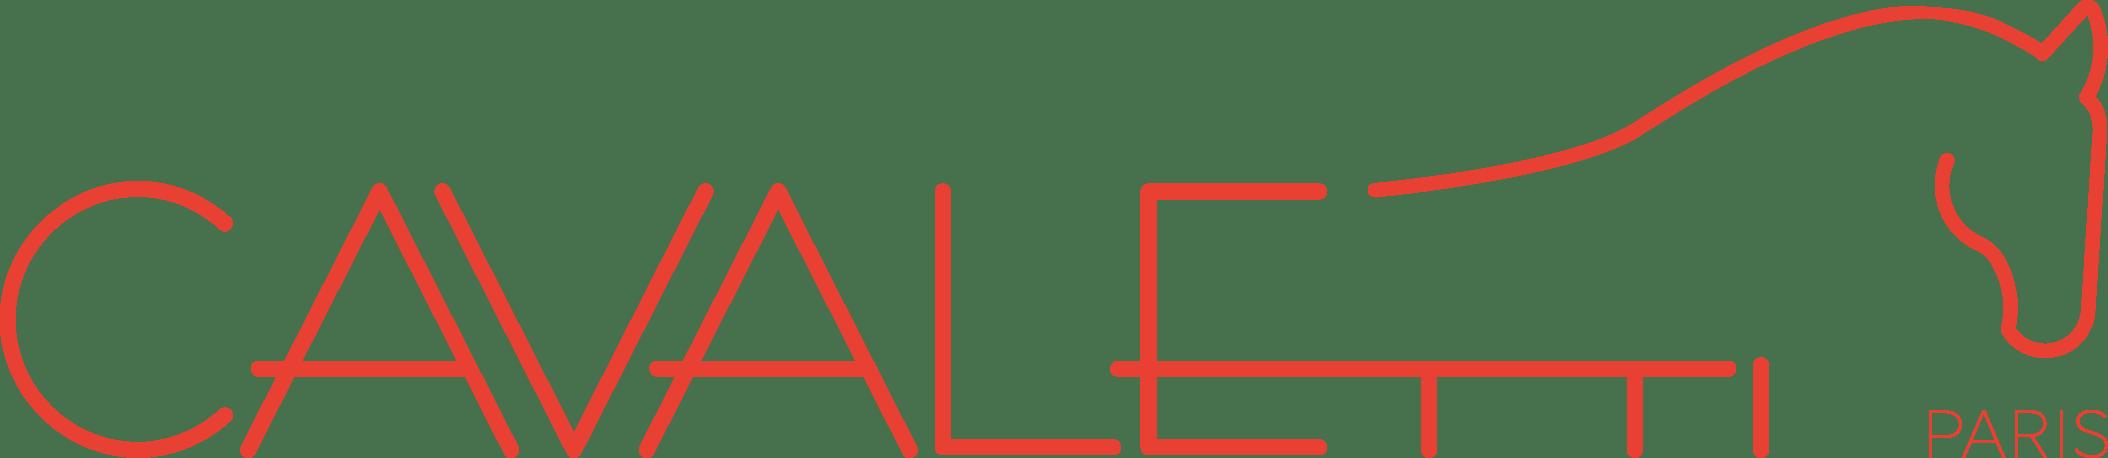 Cavaletti Paris Logo